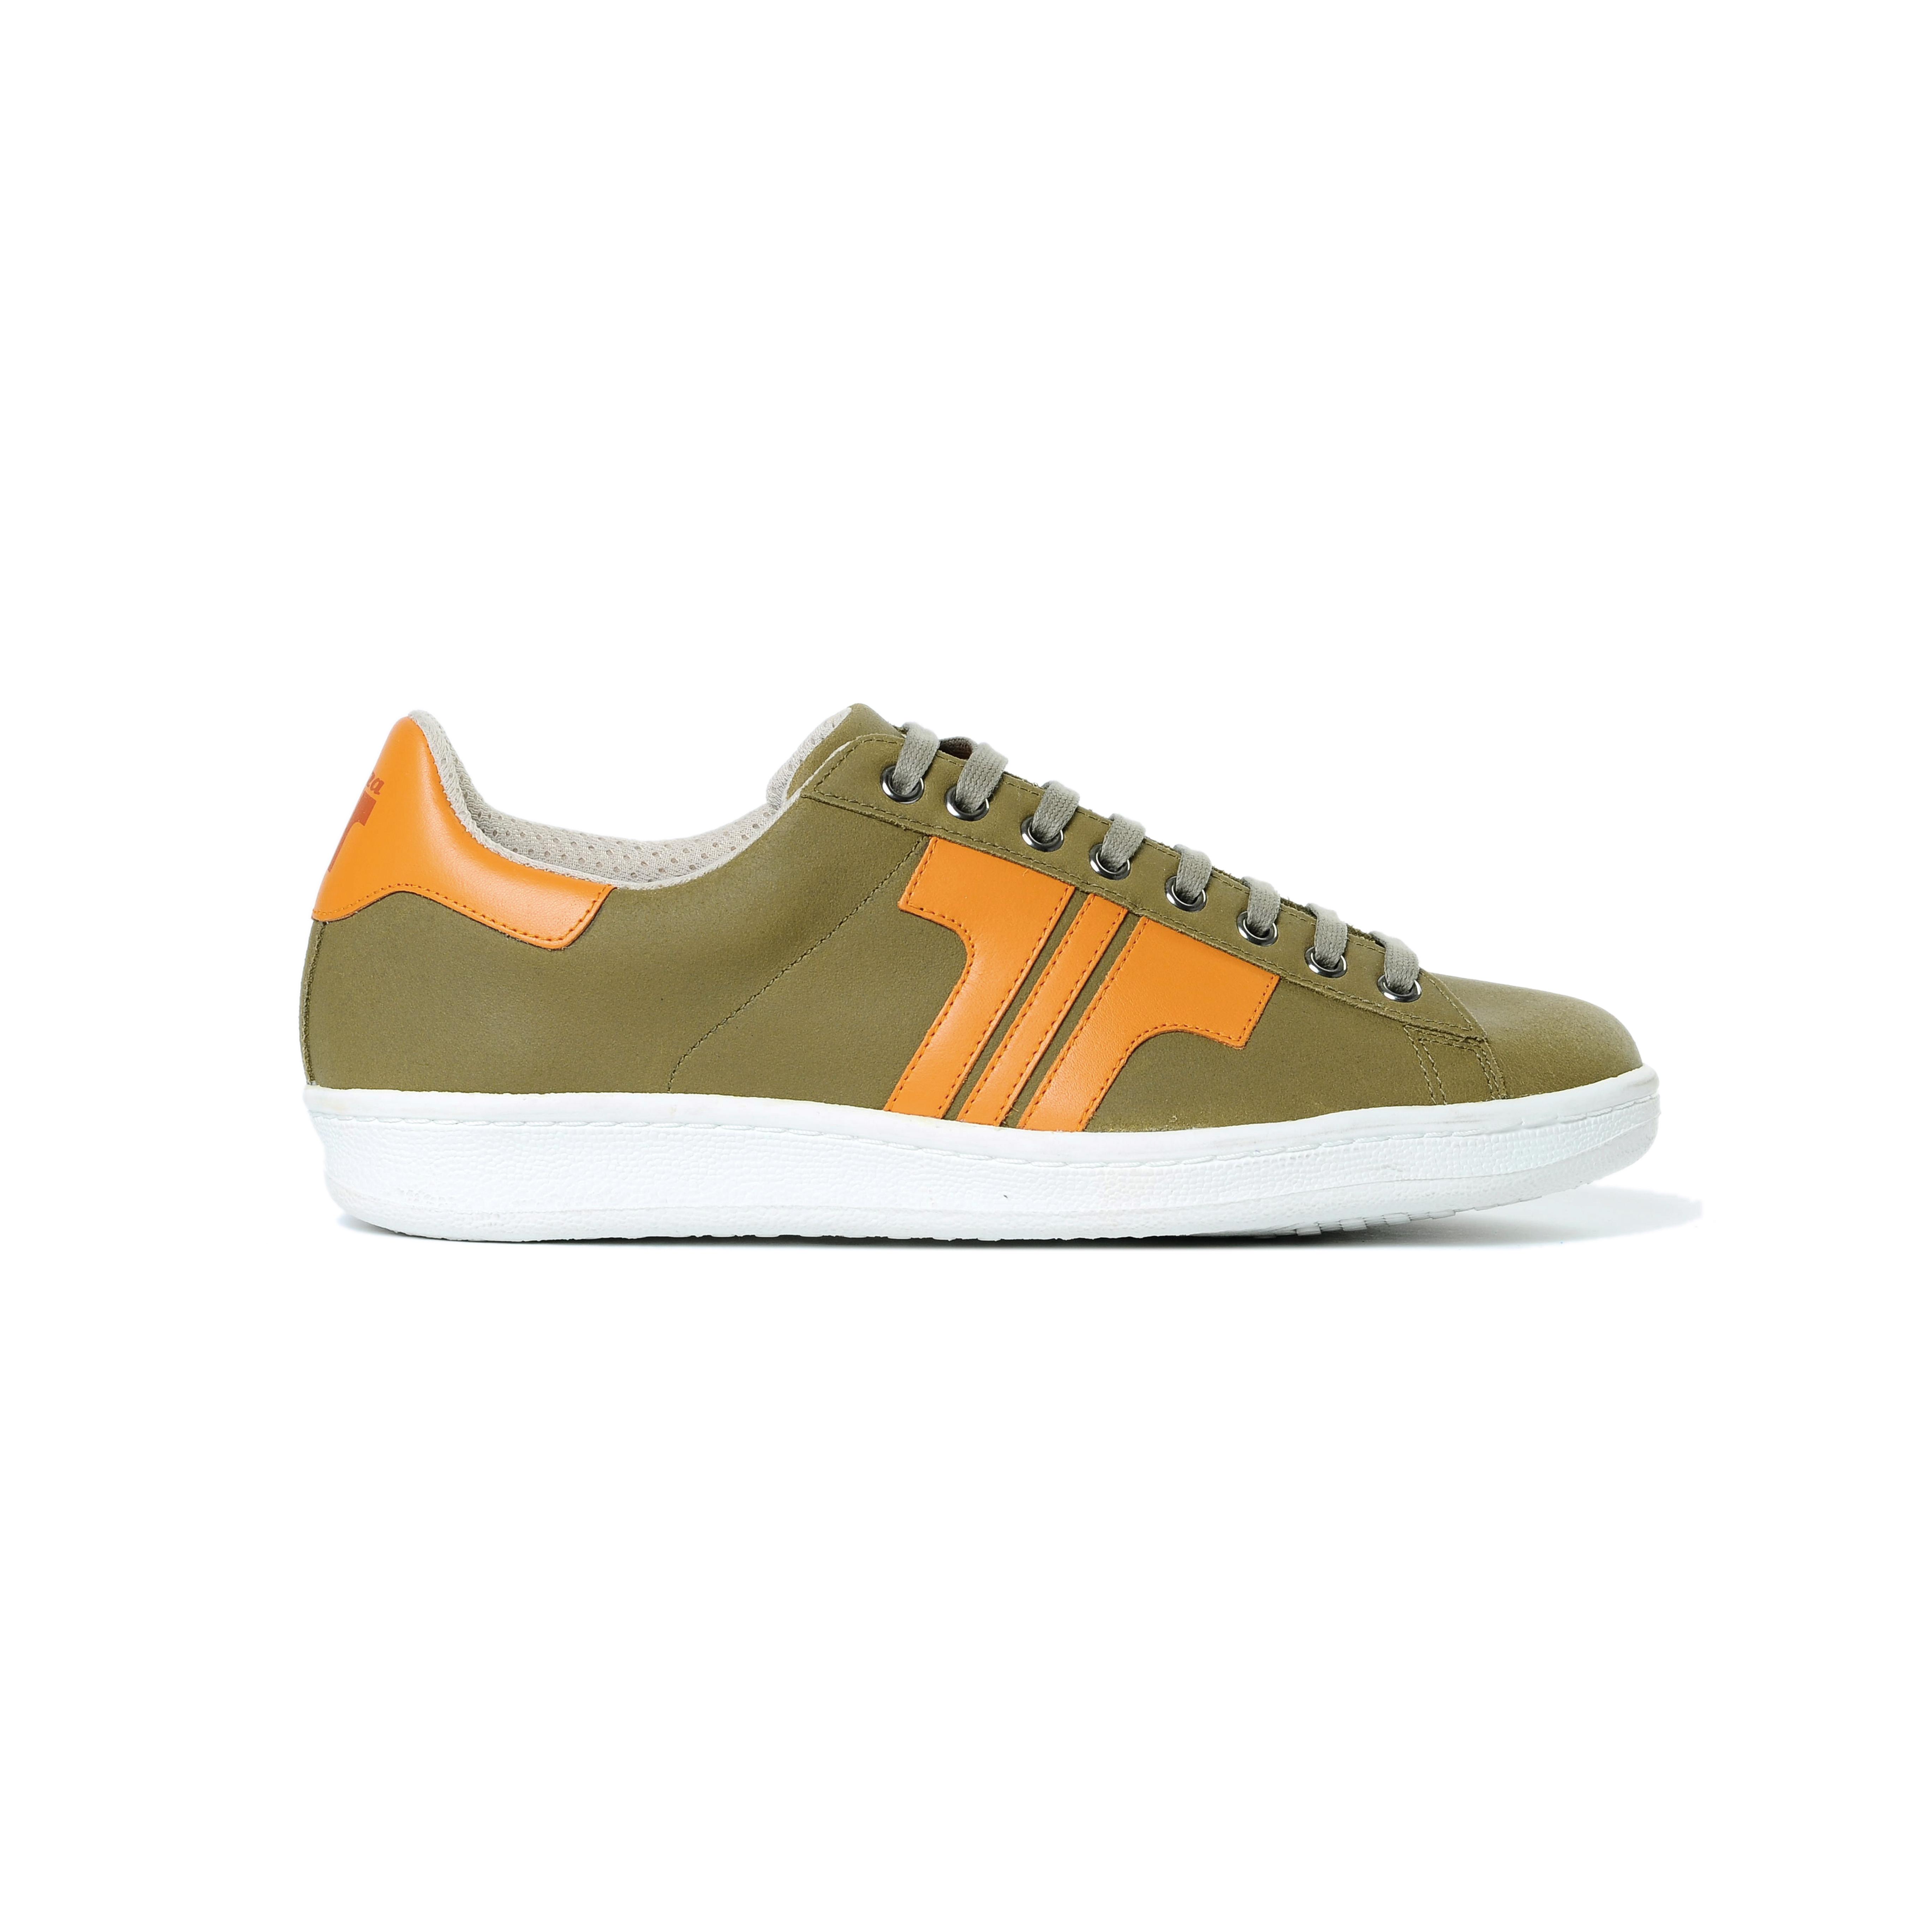 Tisza cipő - Tradíció'80 - Khaki-narancs